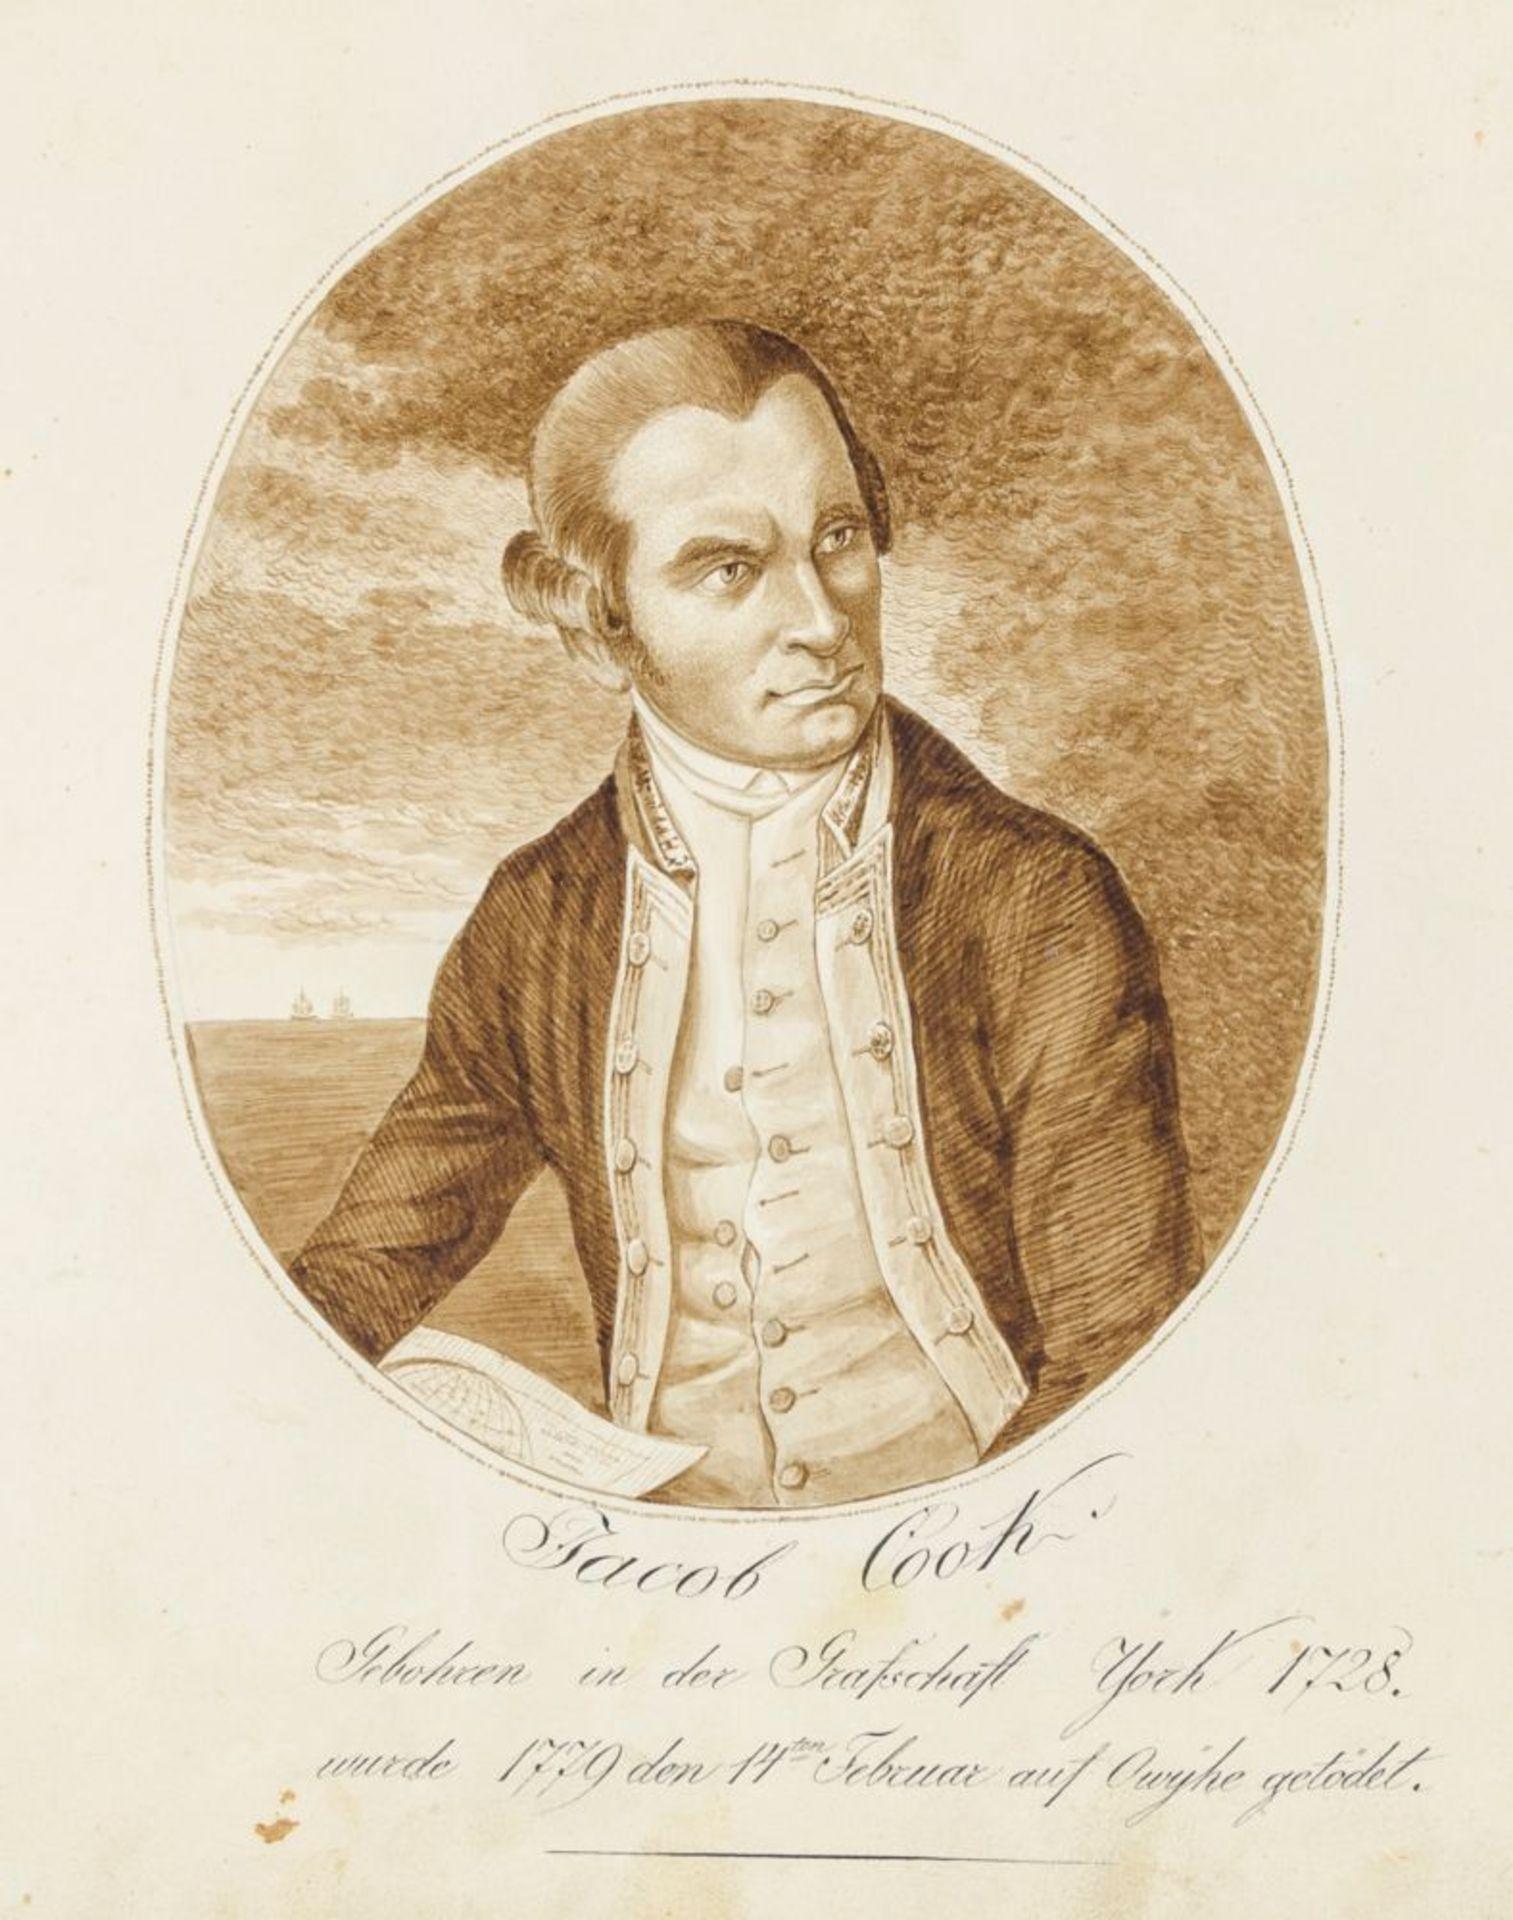 Australien und Ozeanien - - Richter, Franz nach John Webber. Scitzirte Gemählde zu Jacob Cooks - Image 3 of 10